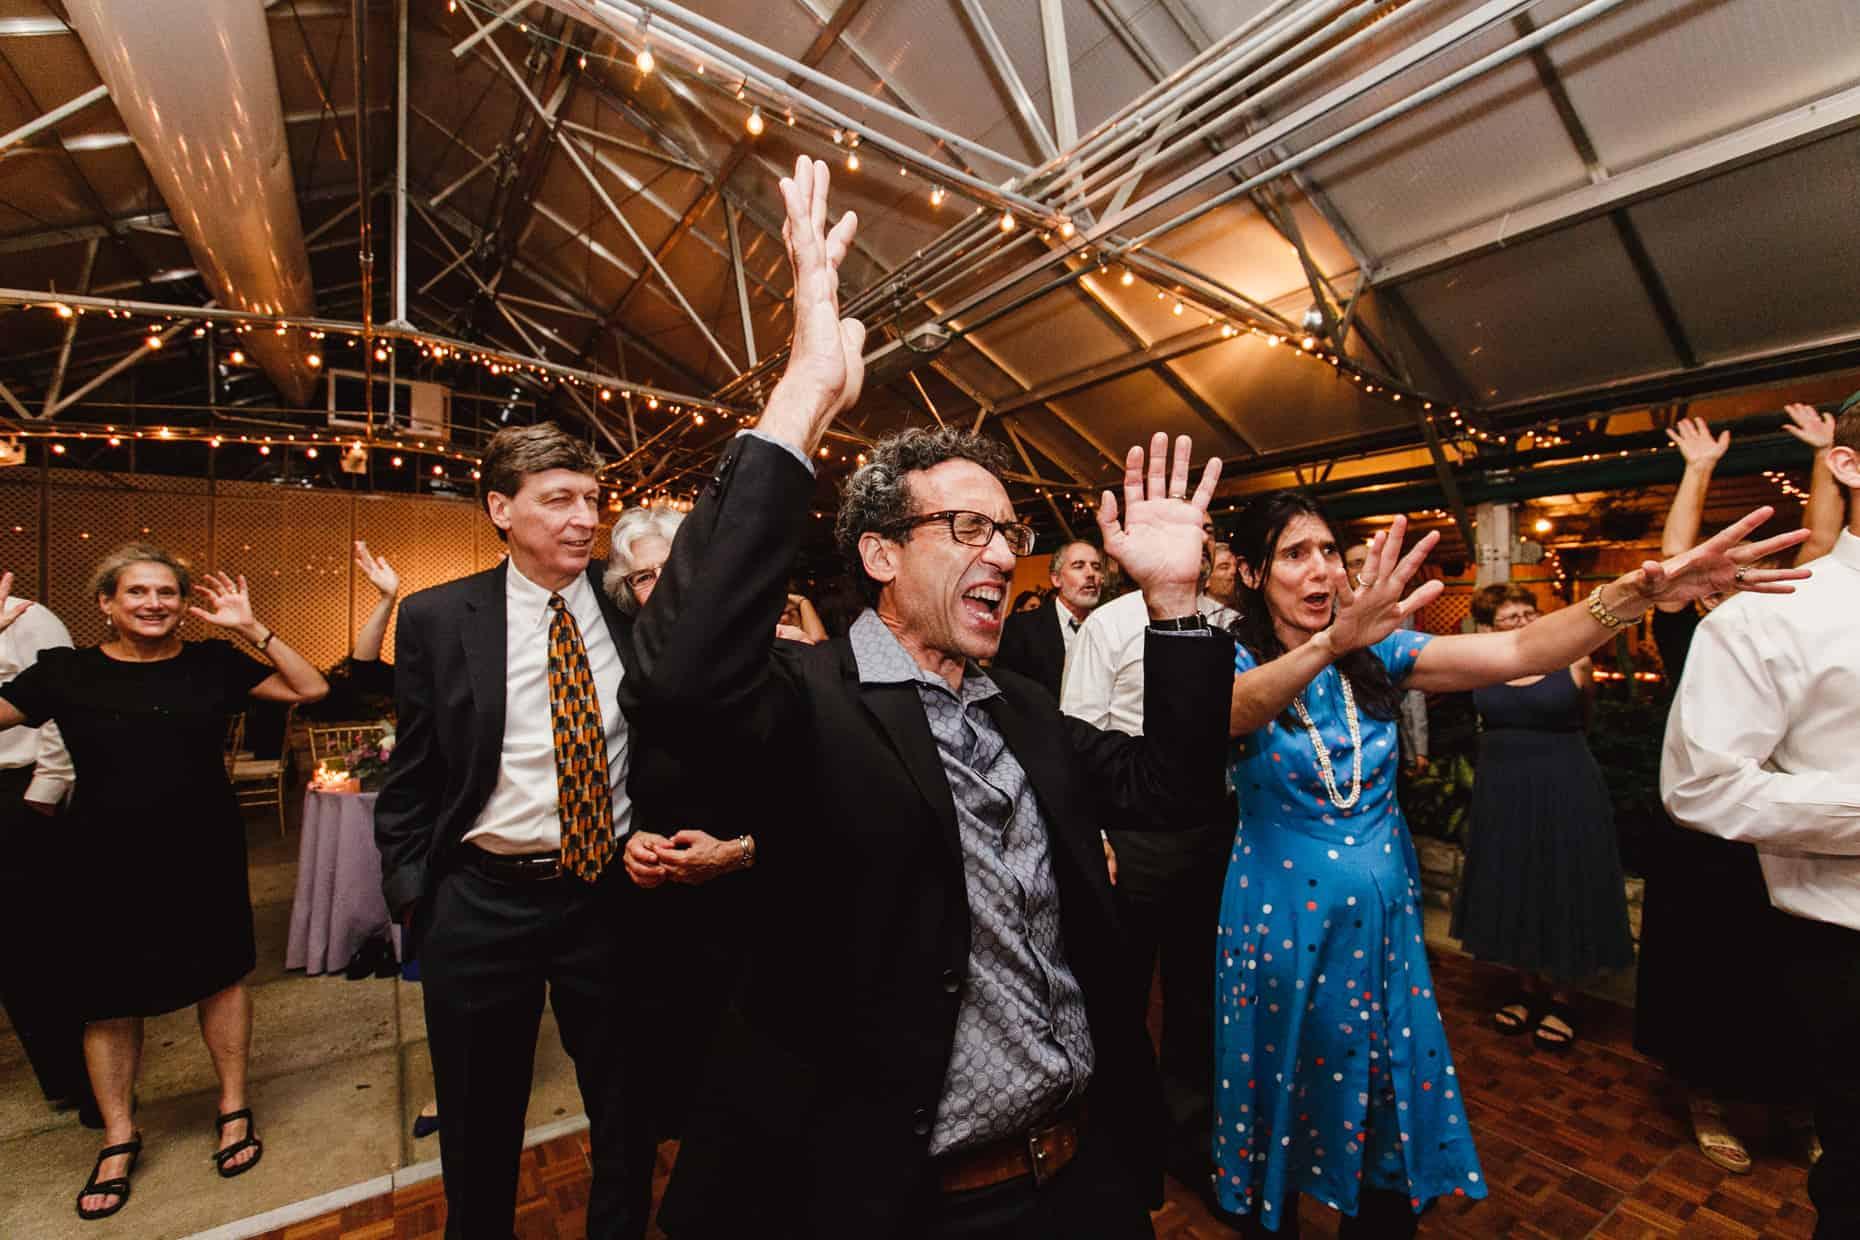 West Philadelphia Wedding Picture